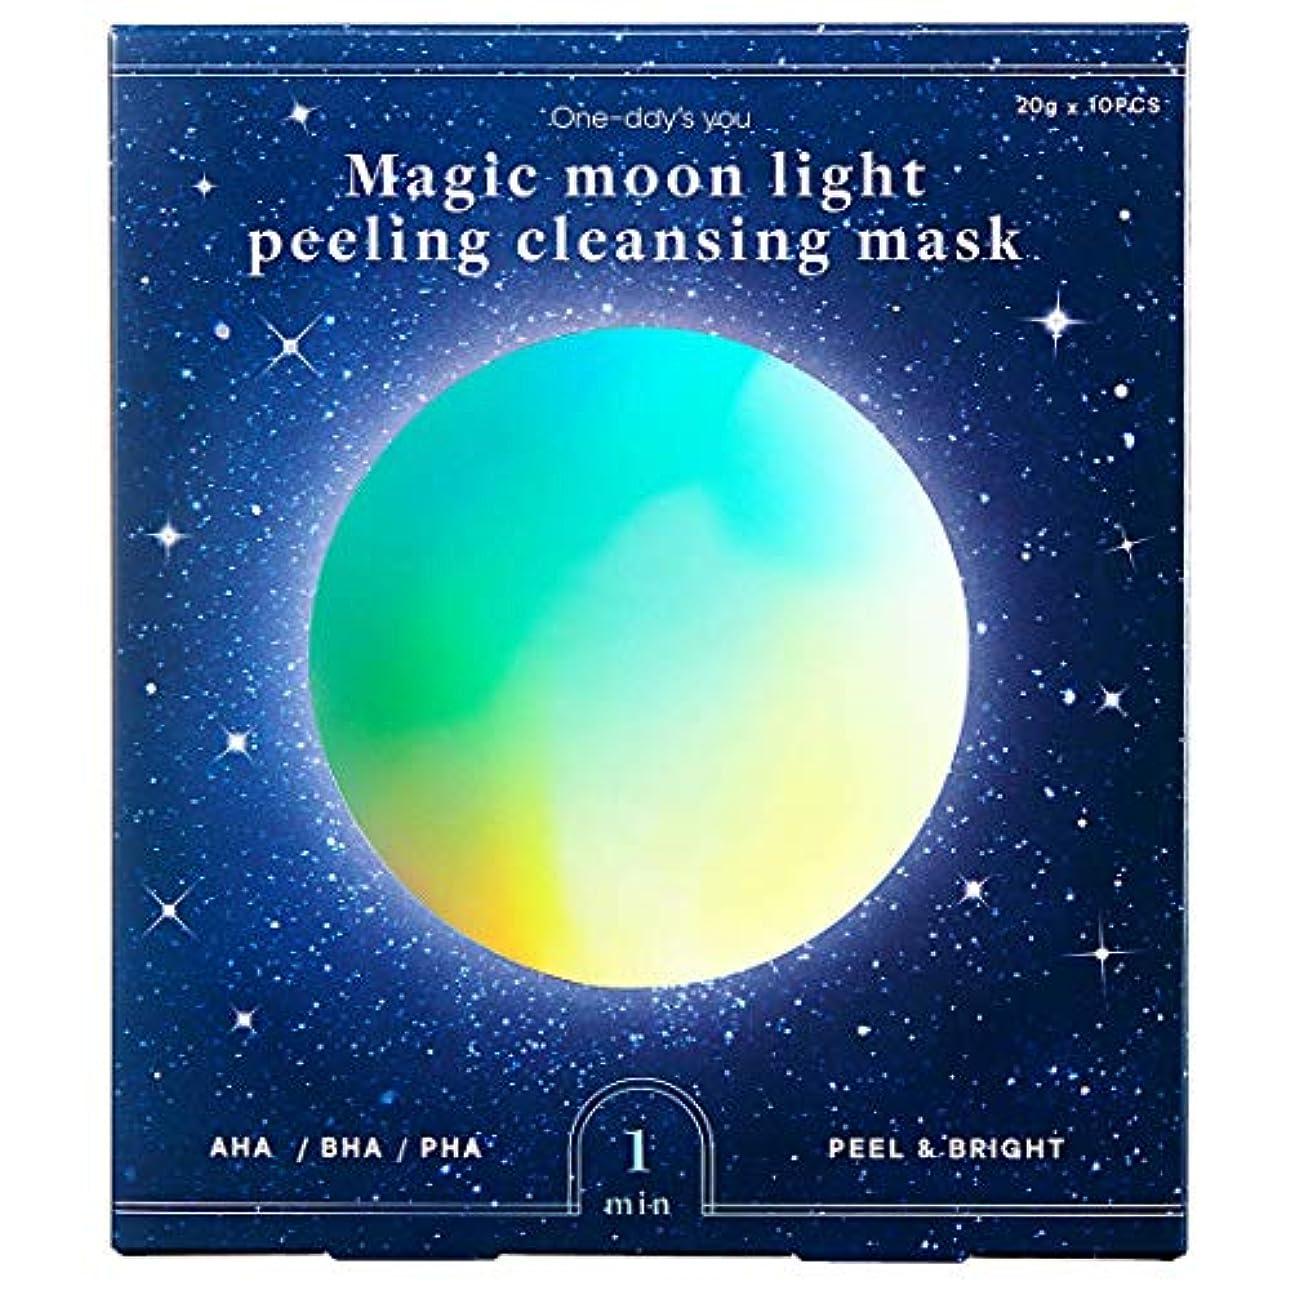 パレード汚染救出One day's you [ワンデイズユー ] マジック ムーンライト ピーリング クレンジング マスク/Magic Moonlight Peeling Cleansing Mask (20g*10ea) [並行輸入品]